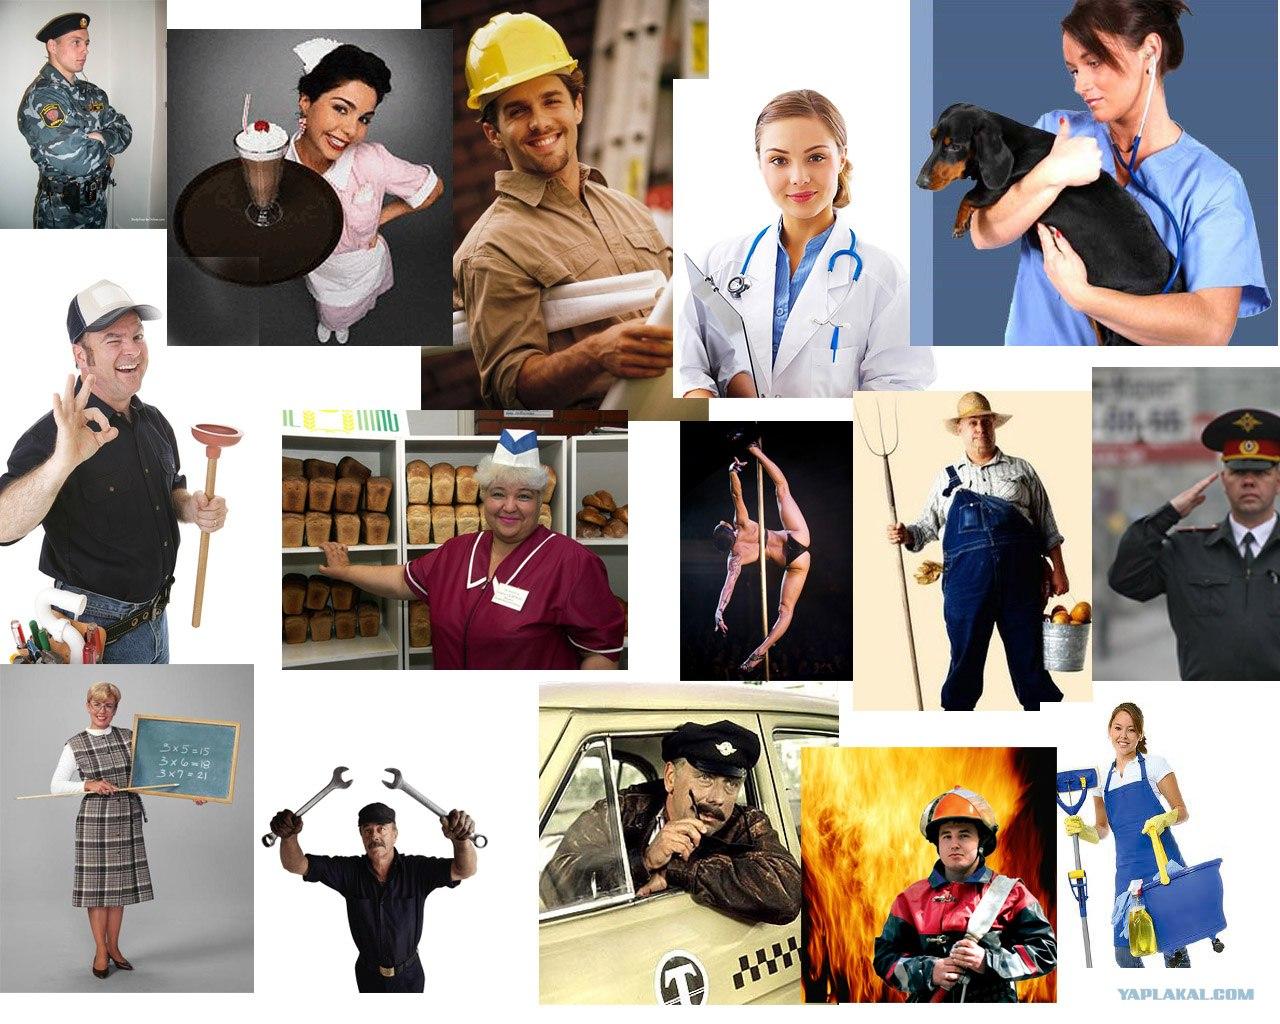 Любимые профессии картинки